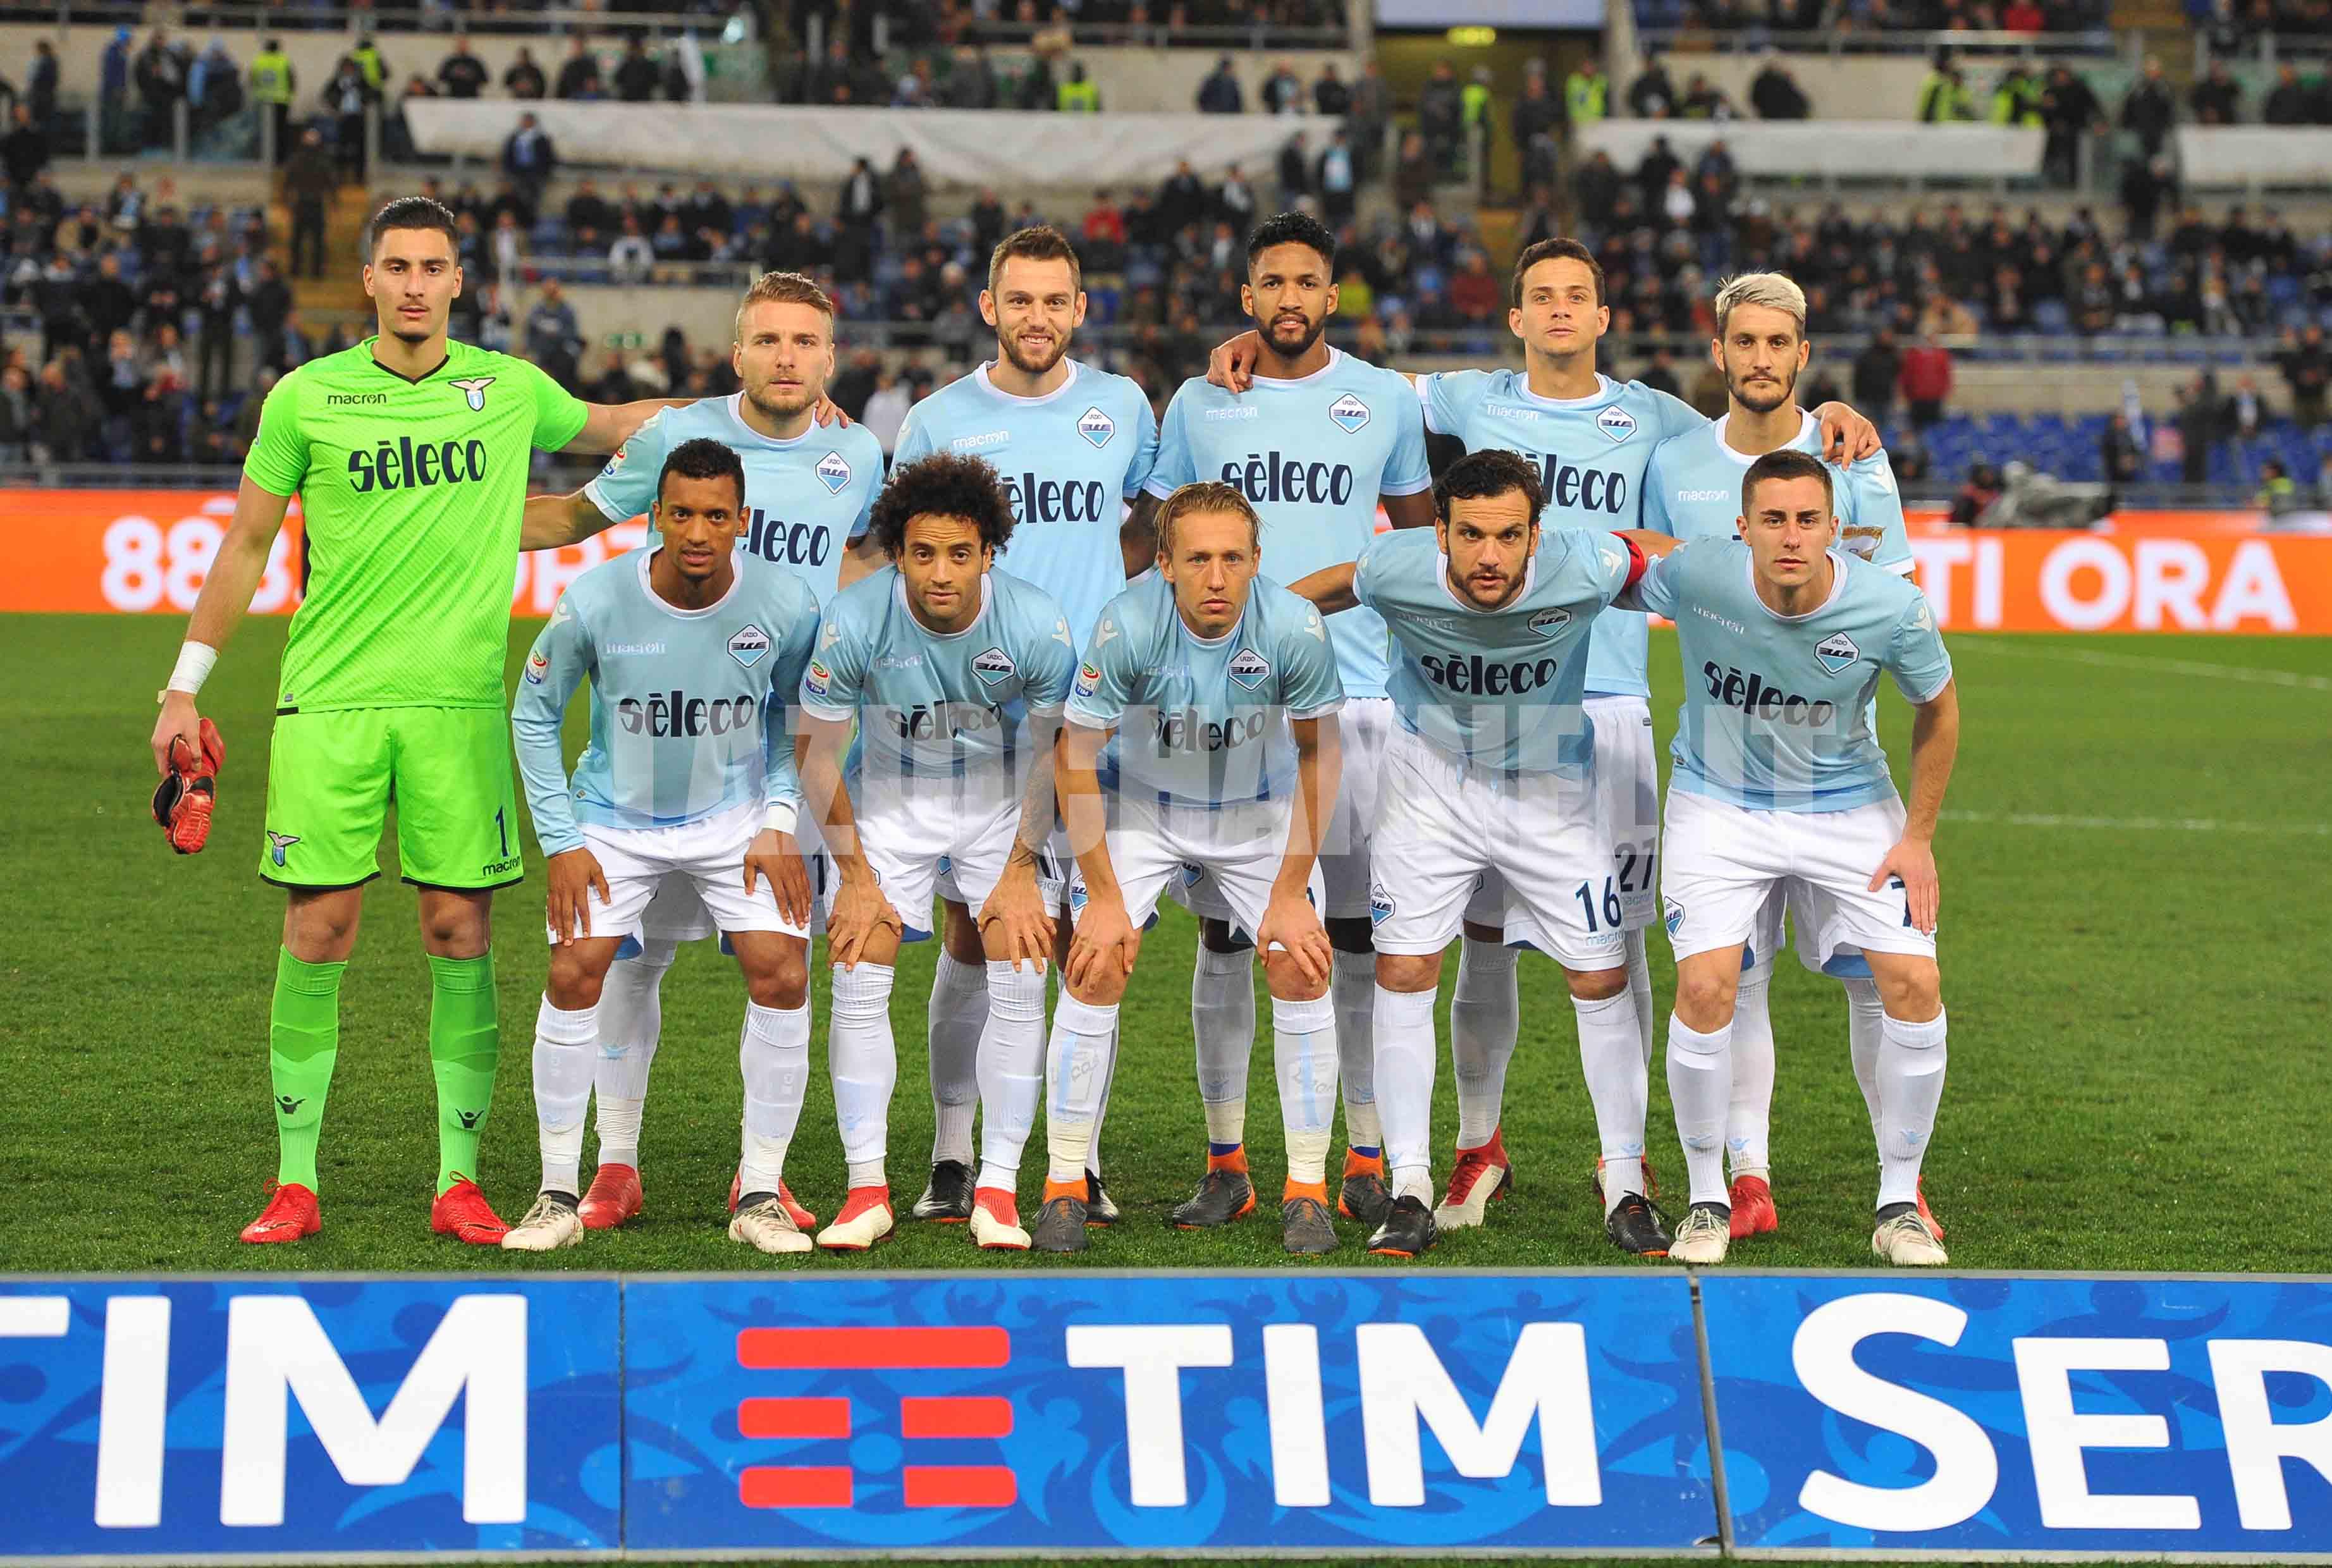 La formazione della Lazio contro il Bologna